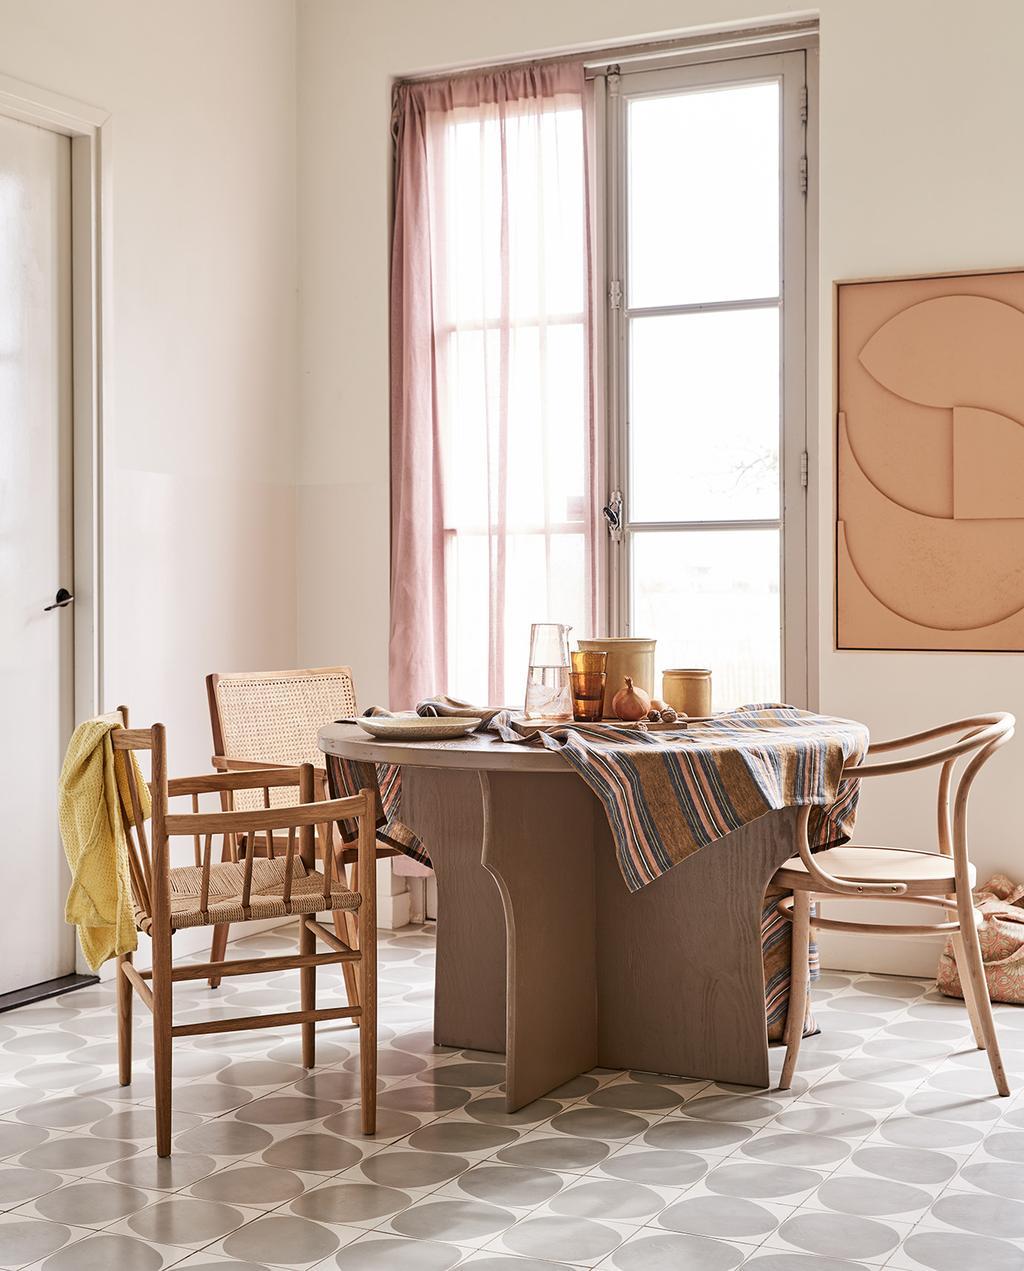 vtwonen 05-2021 | ronde tafel met webbingstoelen en print aan de wand